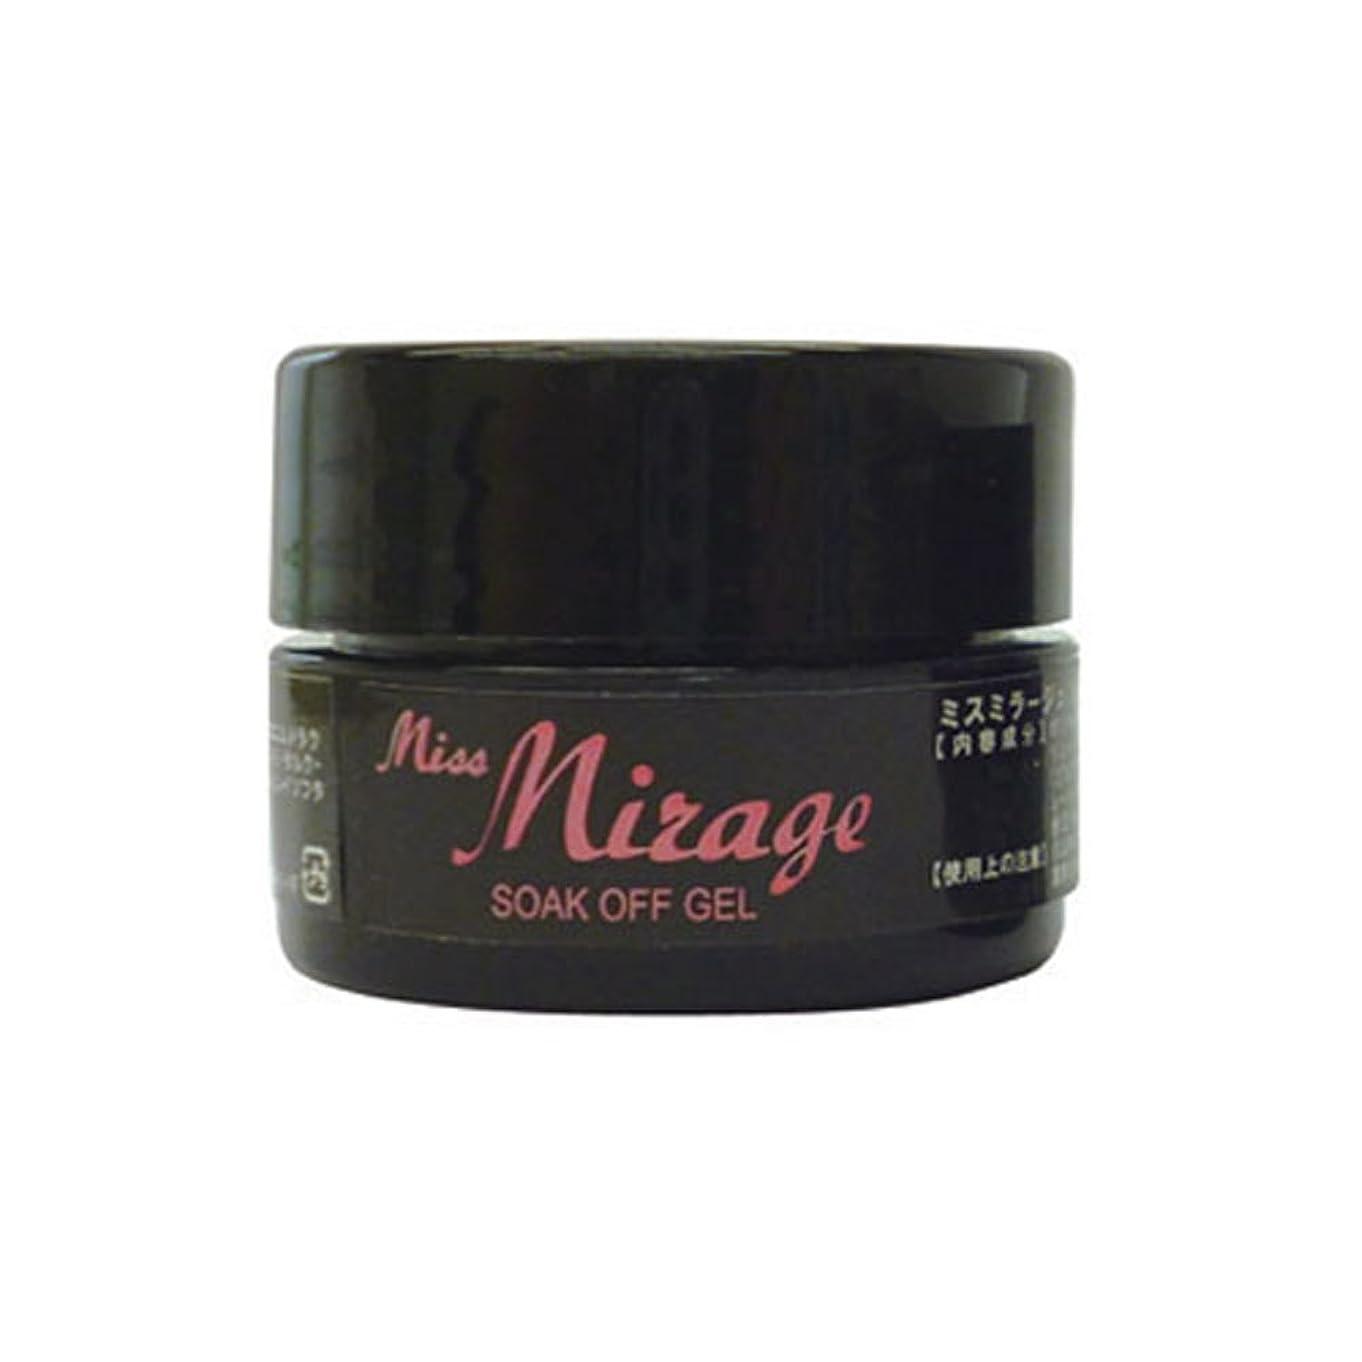 ワークショップブラインド晩餐Miss Mirage カラージェル NM32S 2.5g ソークオフジェル UV/LED対応